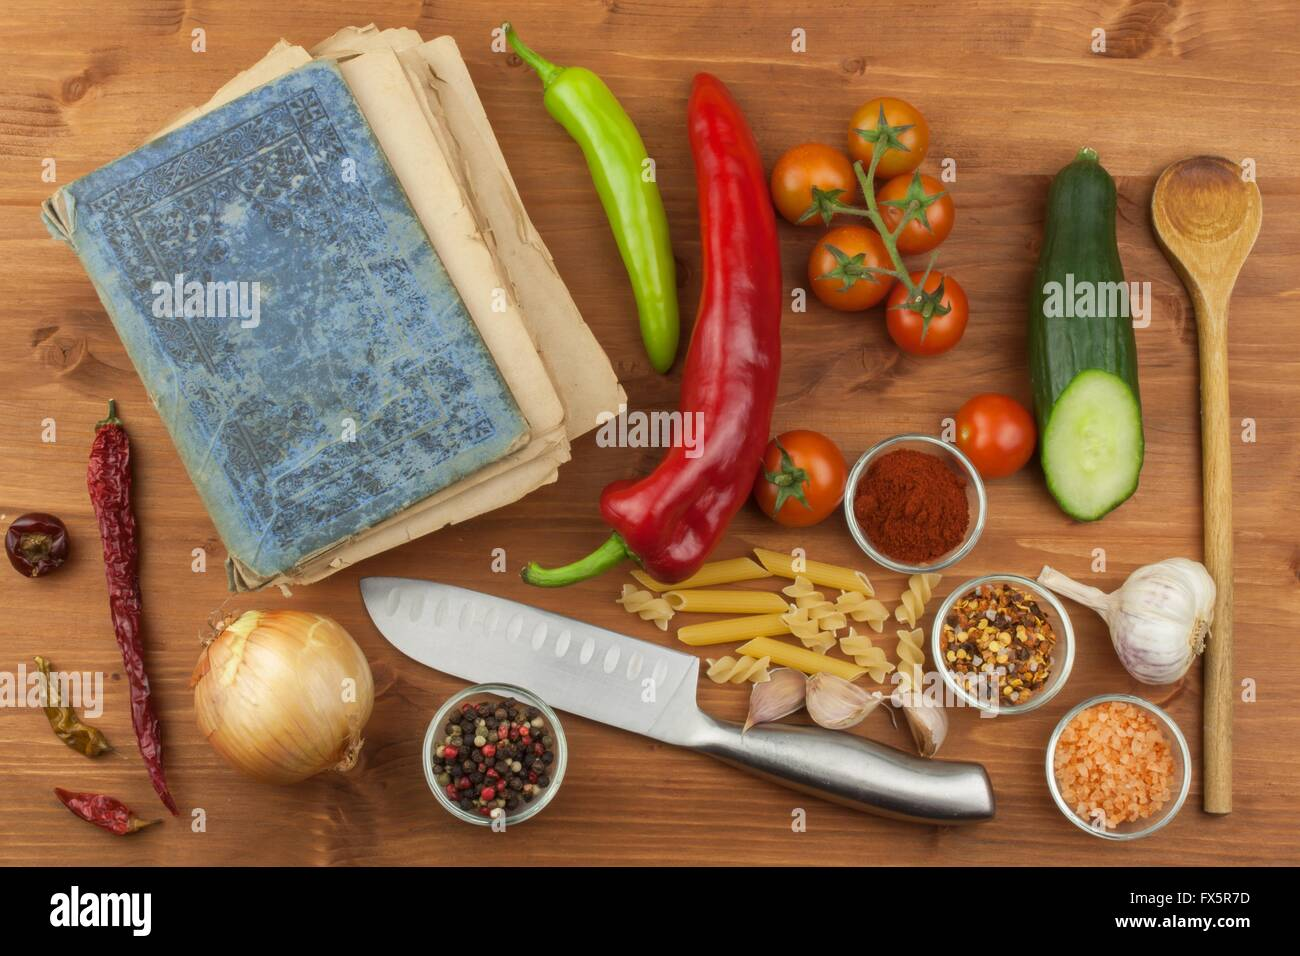 Am Alten Kochbuch Rezepte Auf Einem Holztisch Gesundes Gemuse Zu